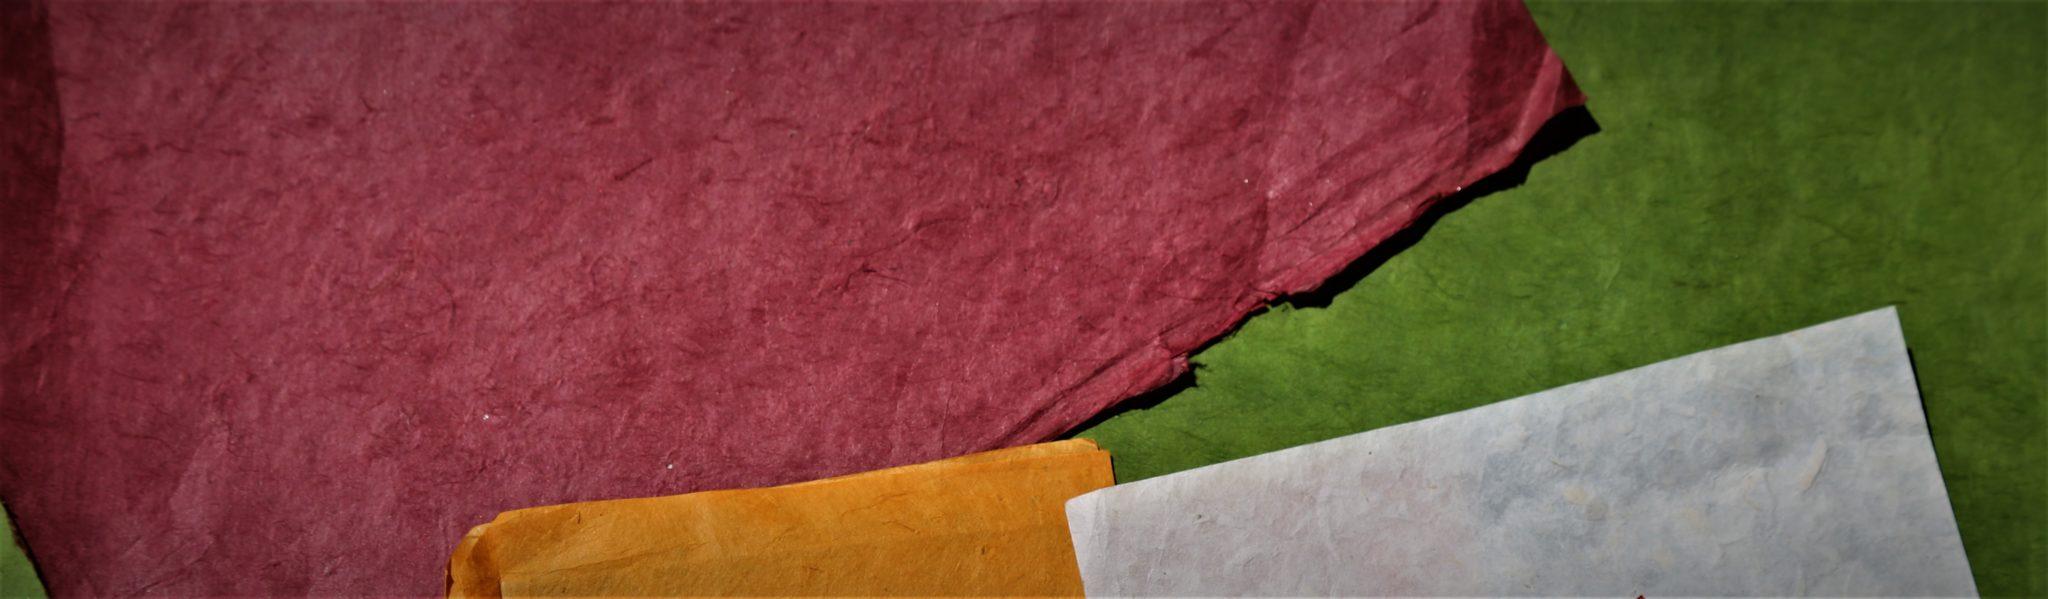 feuille papier fait main Népal